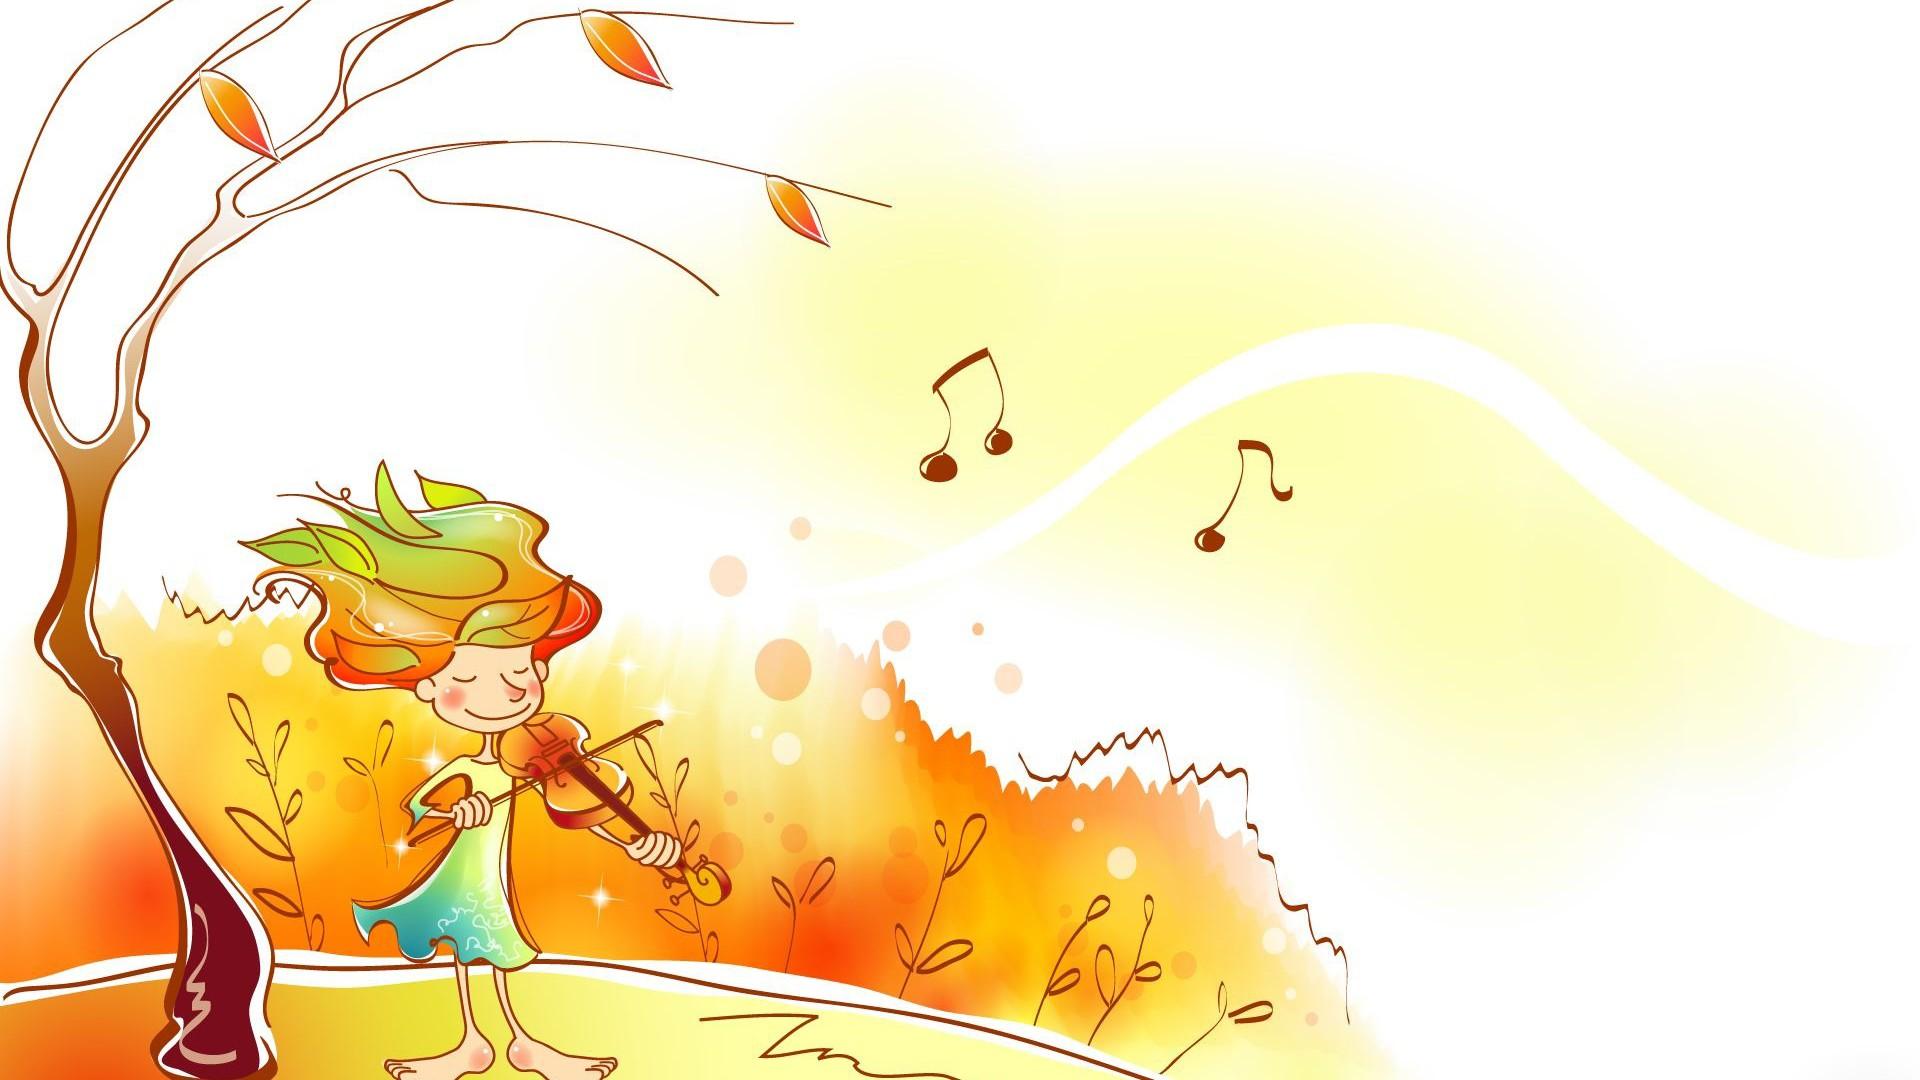 秋天卡通插画小提琴独奏PPT背景图片免费下载是由PPT宝藏(www.pptbz.com)会员zengmin上传推荐的简约PPT背景图片, 更新时间为2017-01-20,素材编号120436。 小提琴(Violin)(旧译:梵婀玲)属于弓弦乐器,是现代管弦乐团弦乐组中最重要的乐器。作为现代弦乐器中最具份量的乐器,小提琴主要的特点在于其辉煌的声音、高度的演奏技巧和丰富、广泛的表现力。 现代小提琴的出现已有300多年的历史,是自17世纪以来西方音乐中最为重要的乐器之一誉为乐器皇后,也被其制作本身是一门极为精致